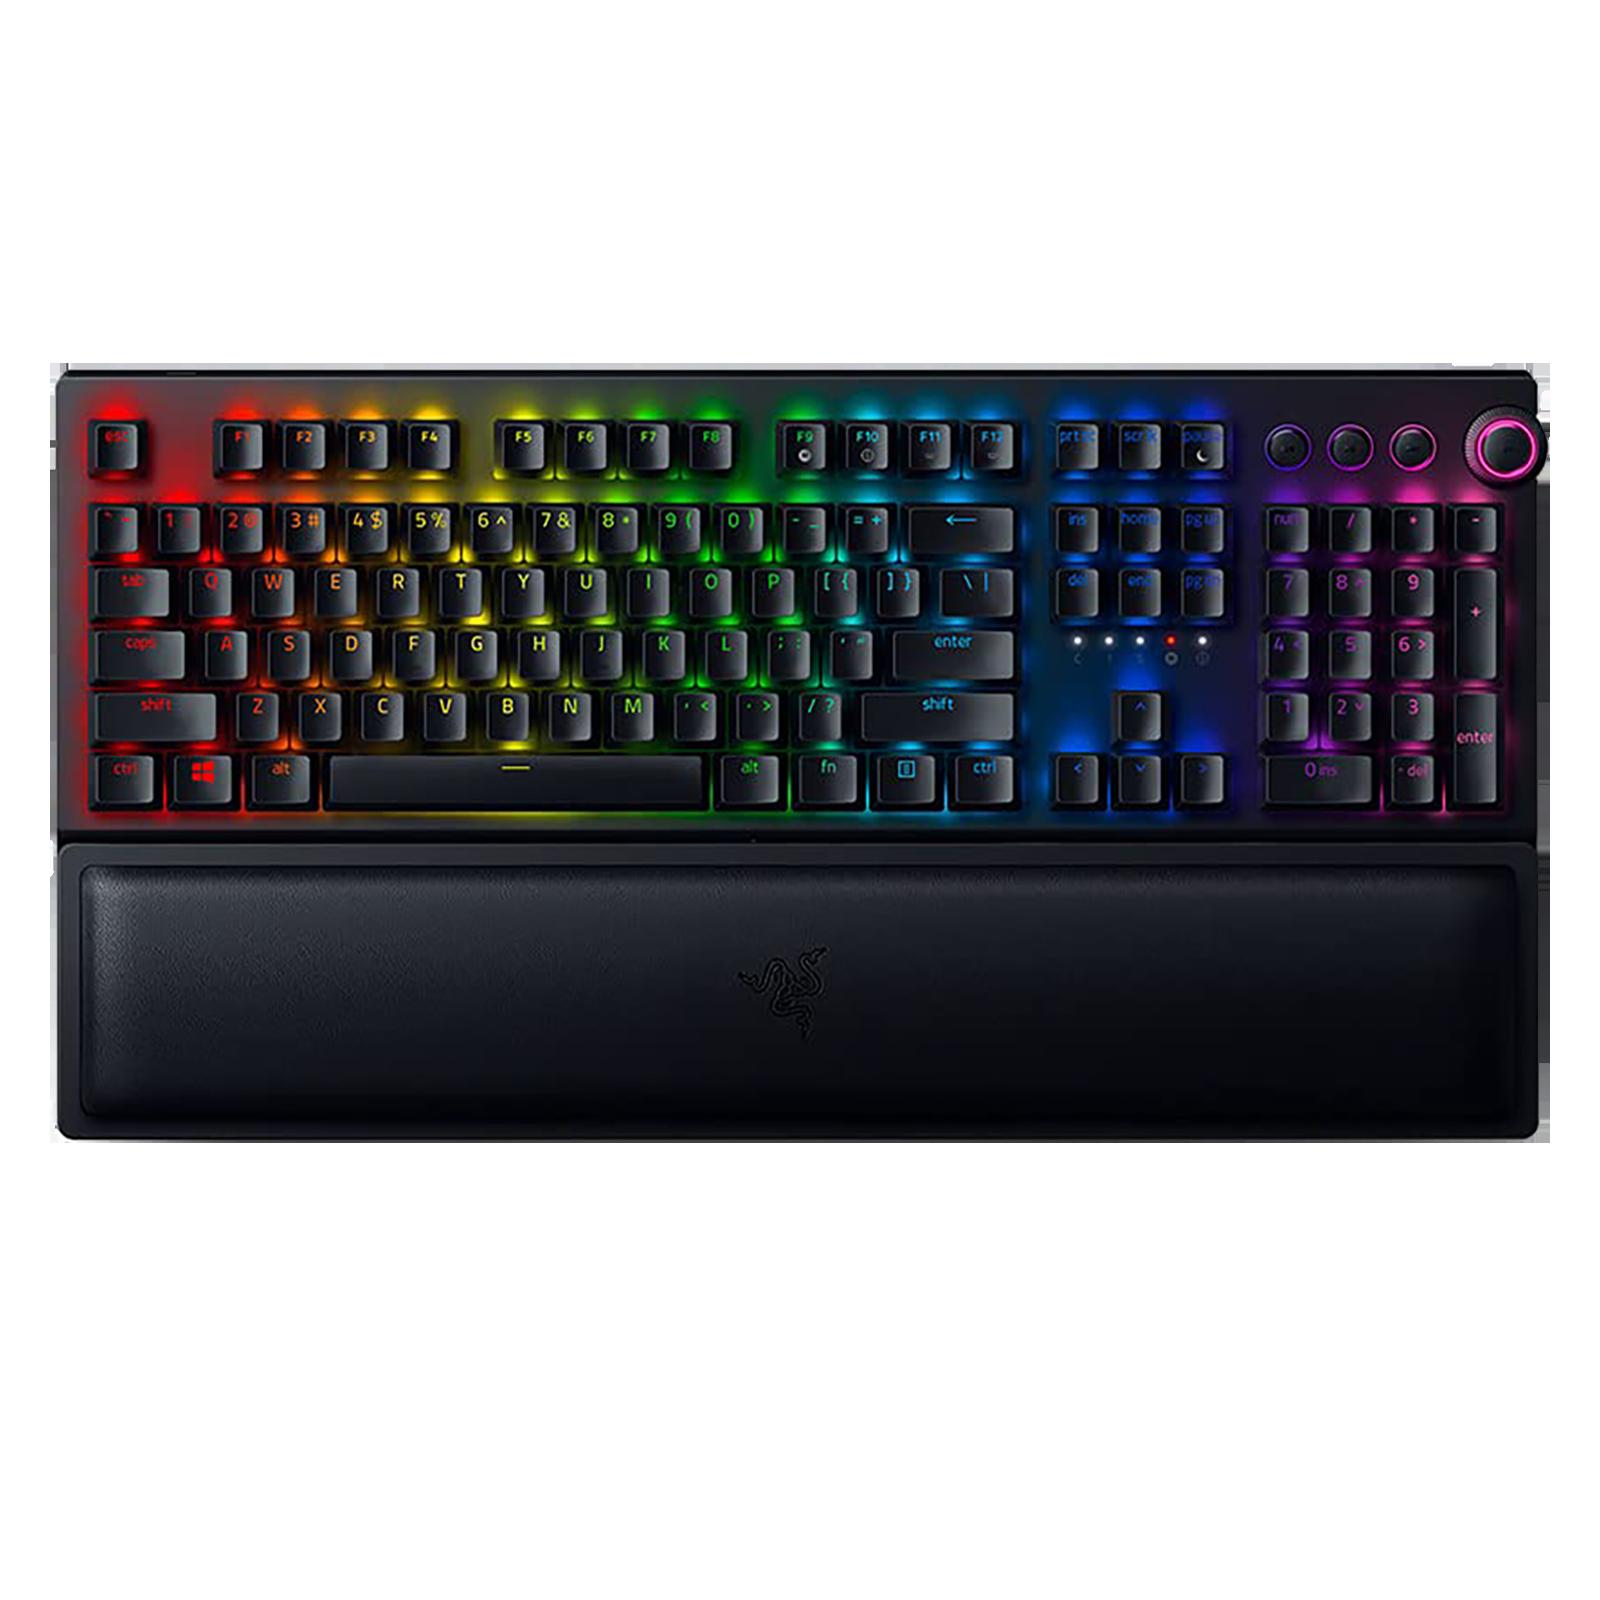 Razer BlackWidow V3 Pro Wireless Gaming Keyboard (Green Mechanical Switch, RZ03-03530100-R3M1, Black)_1